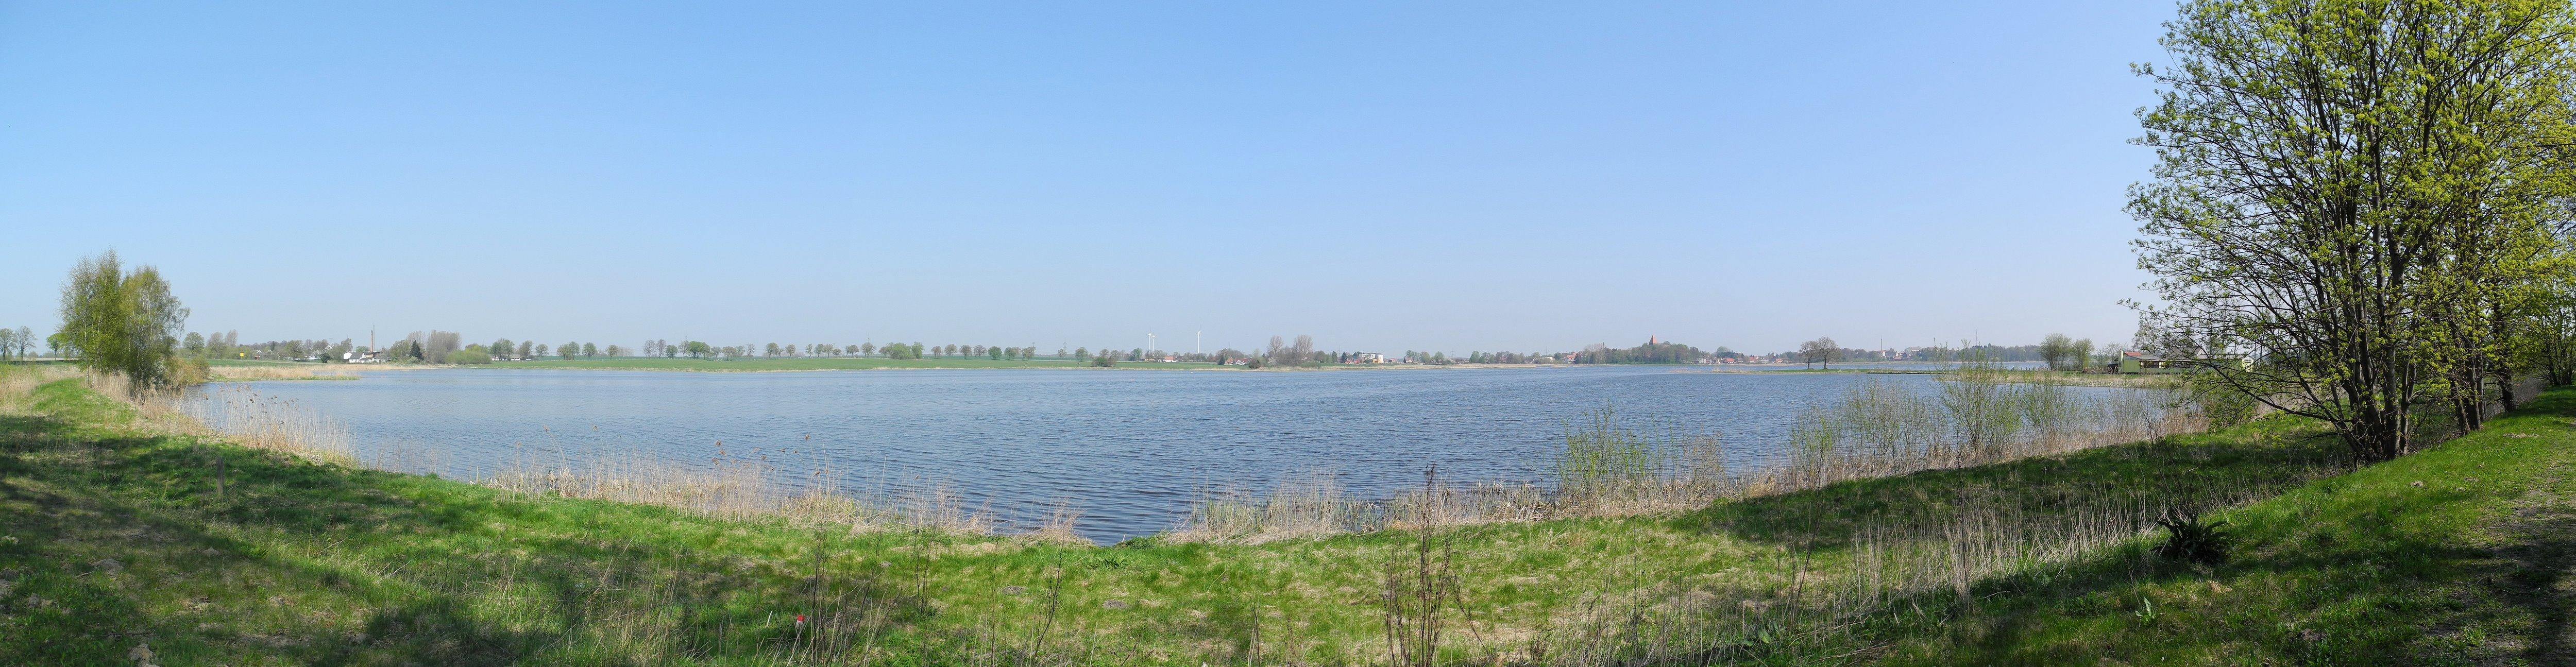 Richtenberger See